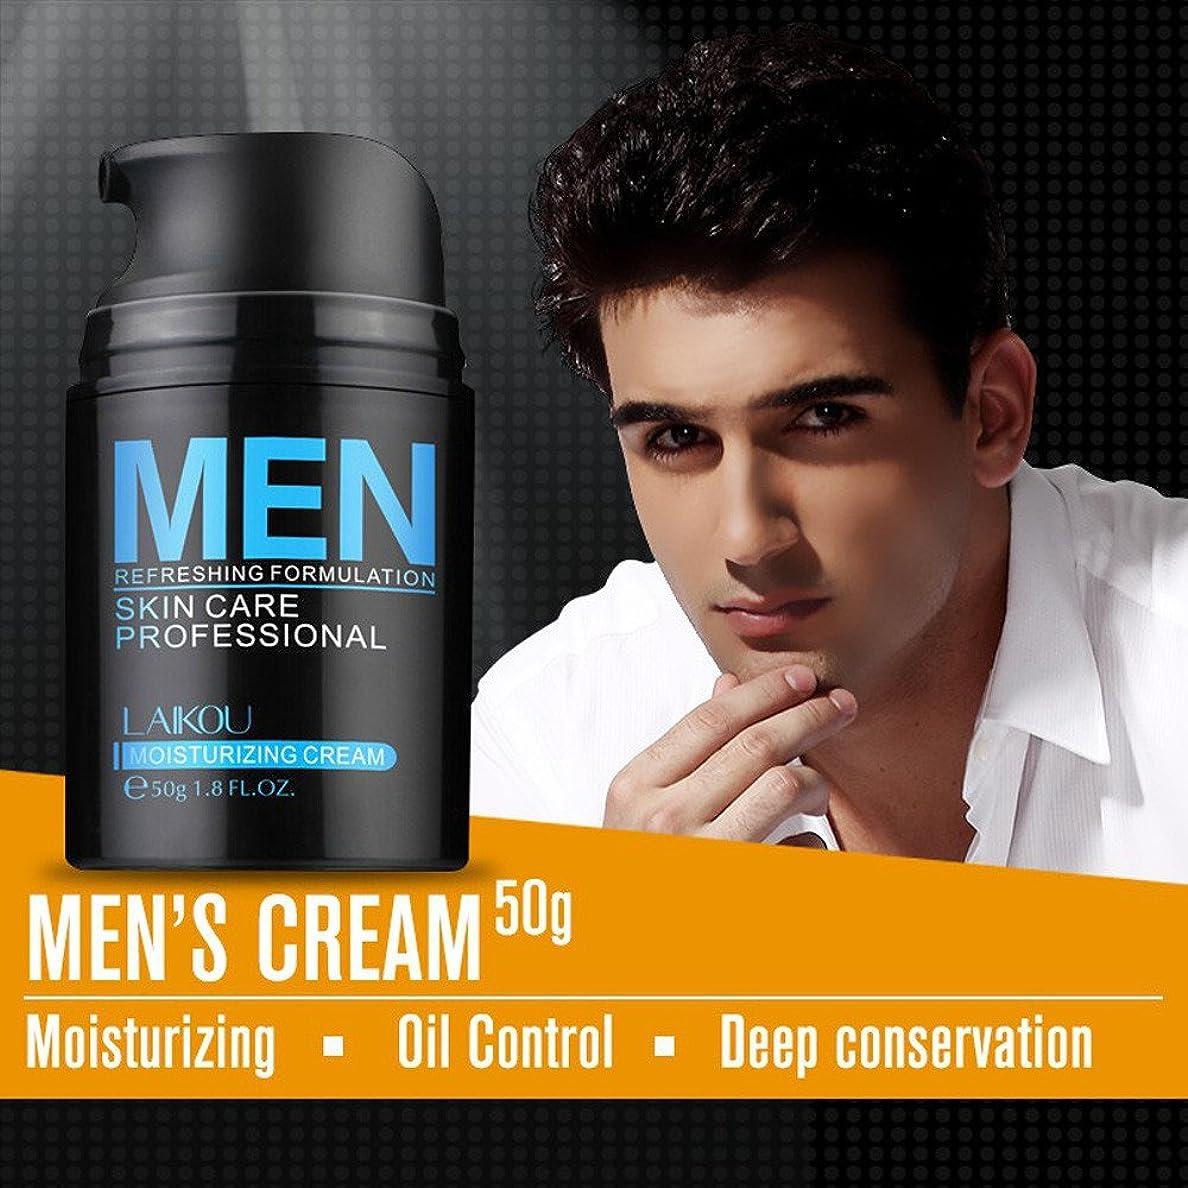 対象落ち込んでいる治すAkane LAIKOU 男子 押す 顔洗い 素敵 水分補給 オイルコントロール 保湿 すがすがしい 角質除去 クレンジング 浄化 使いやすい 洗顔料 アロエクリーム